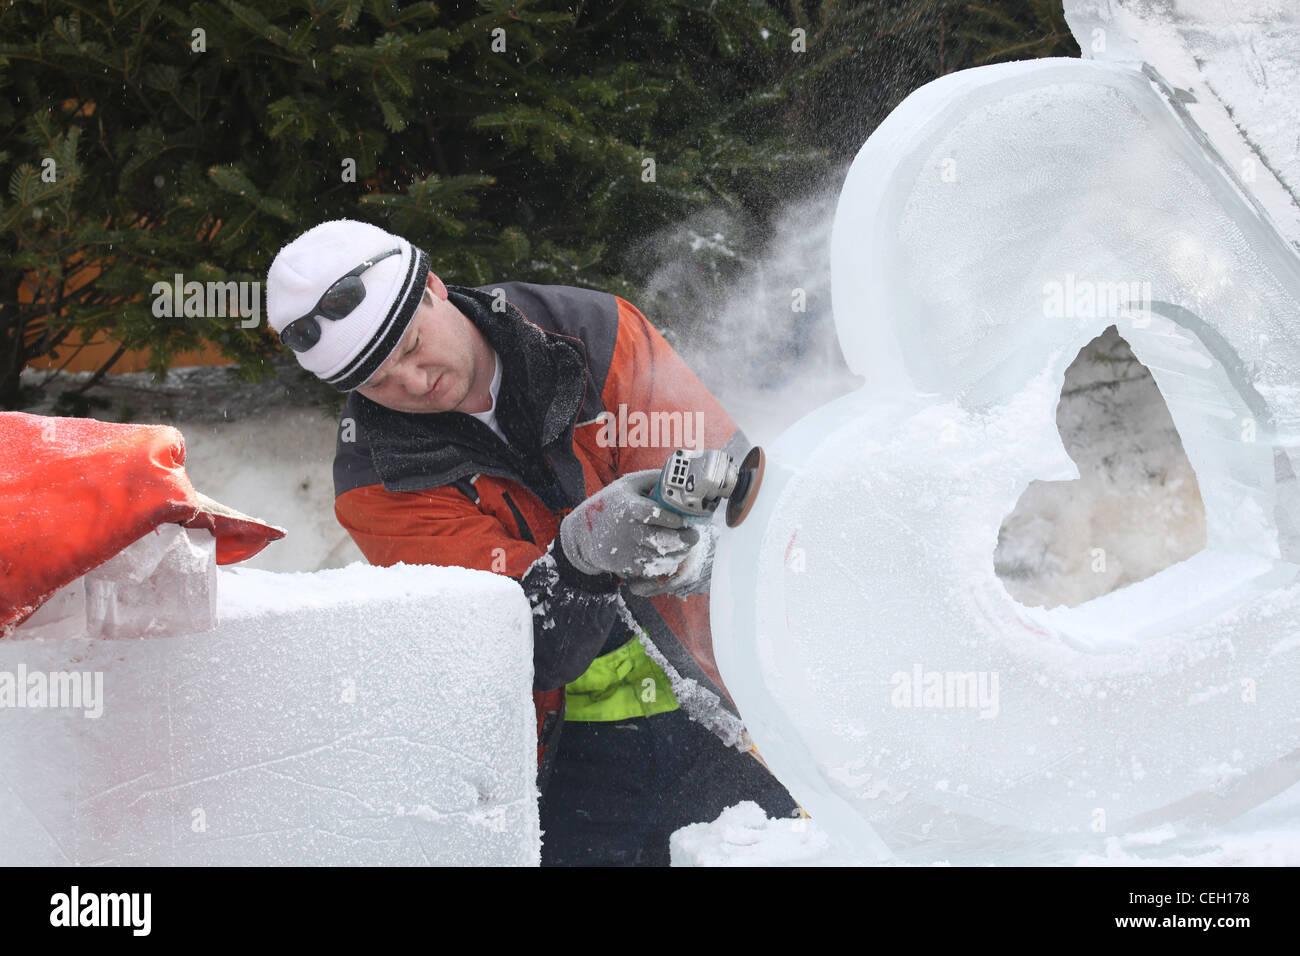 À l'aide d'une sculpture de glace main power sander Banque D'Images